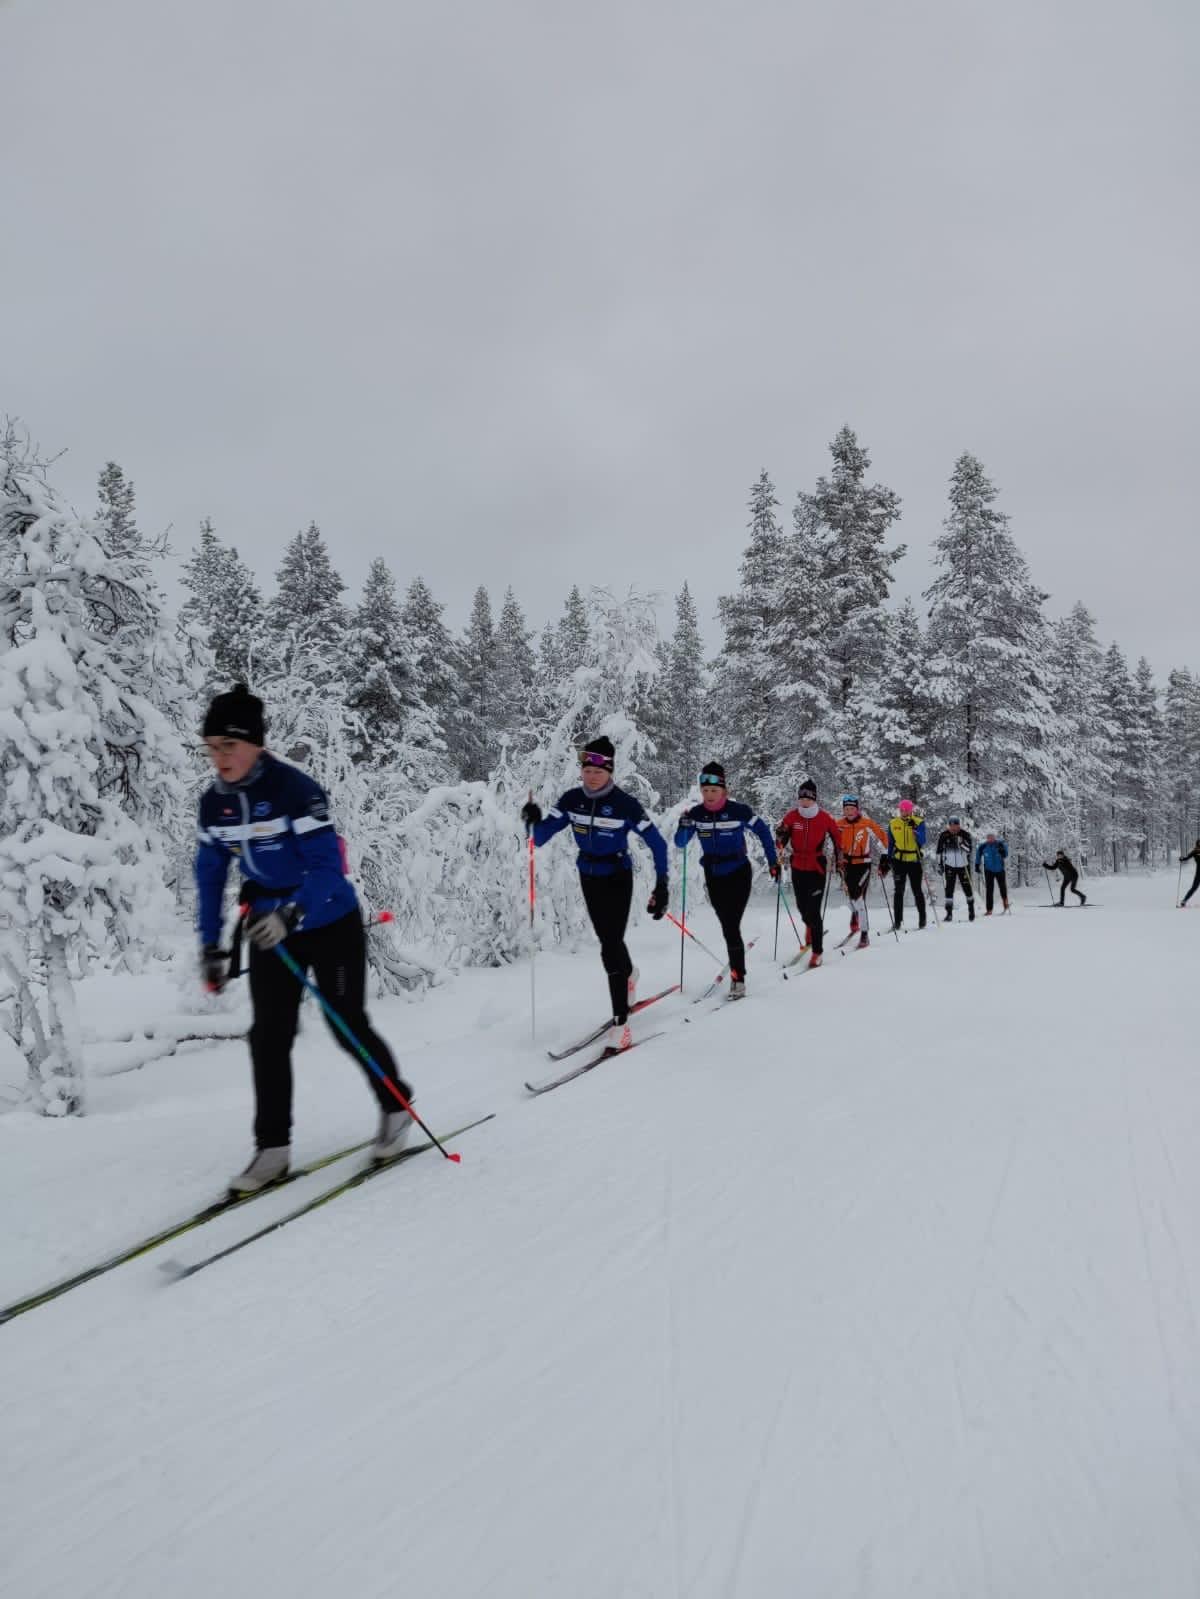 Pihtiputaan lukion hiihtolinjan opiskelijoita